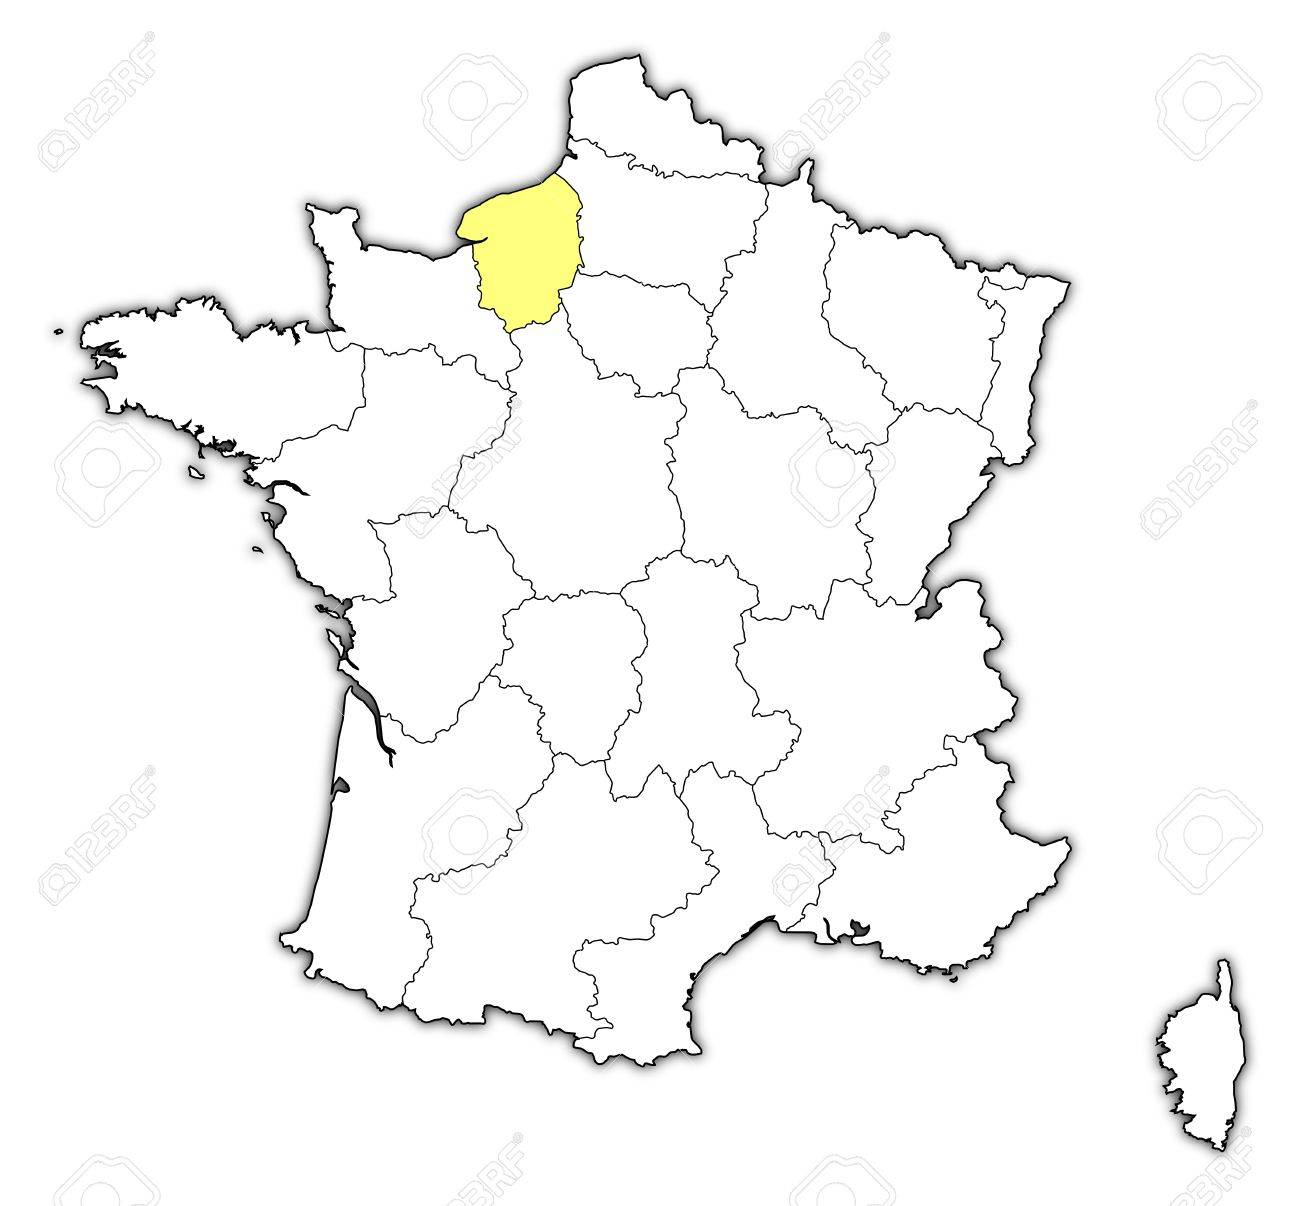 Cartina Della Francia In Bianco E Nero.Mappa Politica Della Francia Con Le Varie Regioni In Cui E Evidenziato Alta Normandia